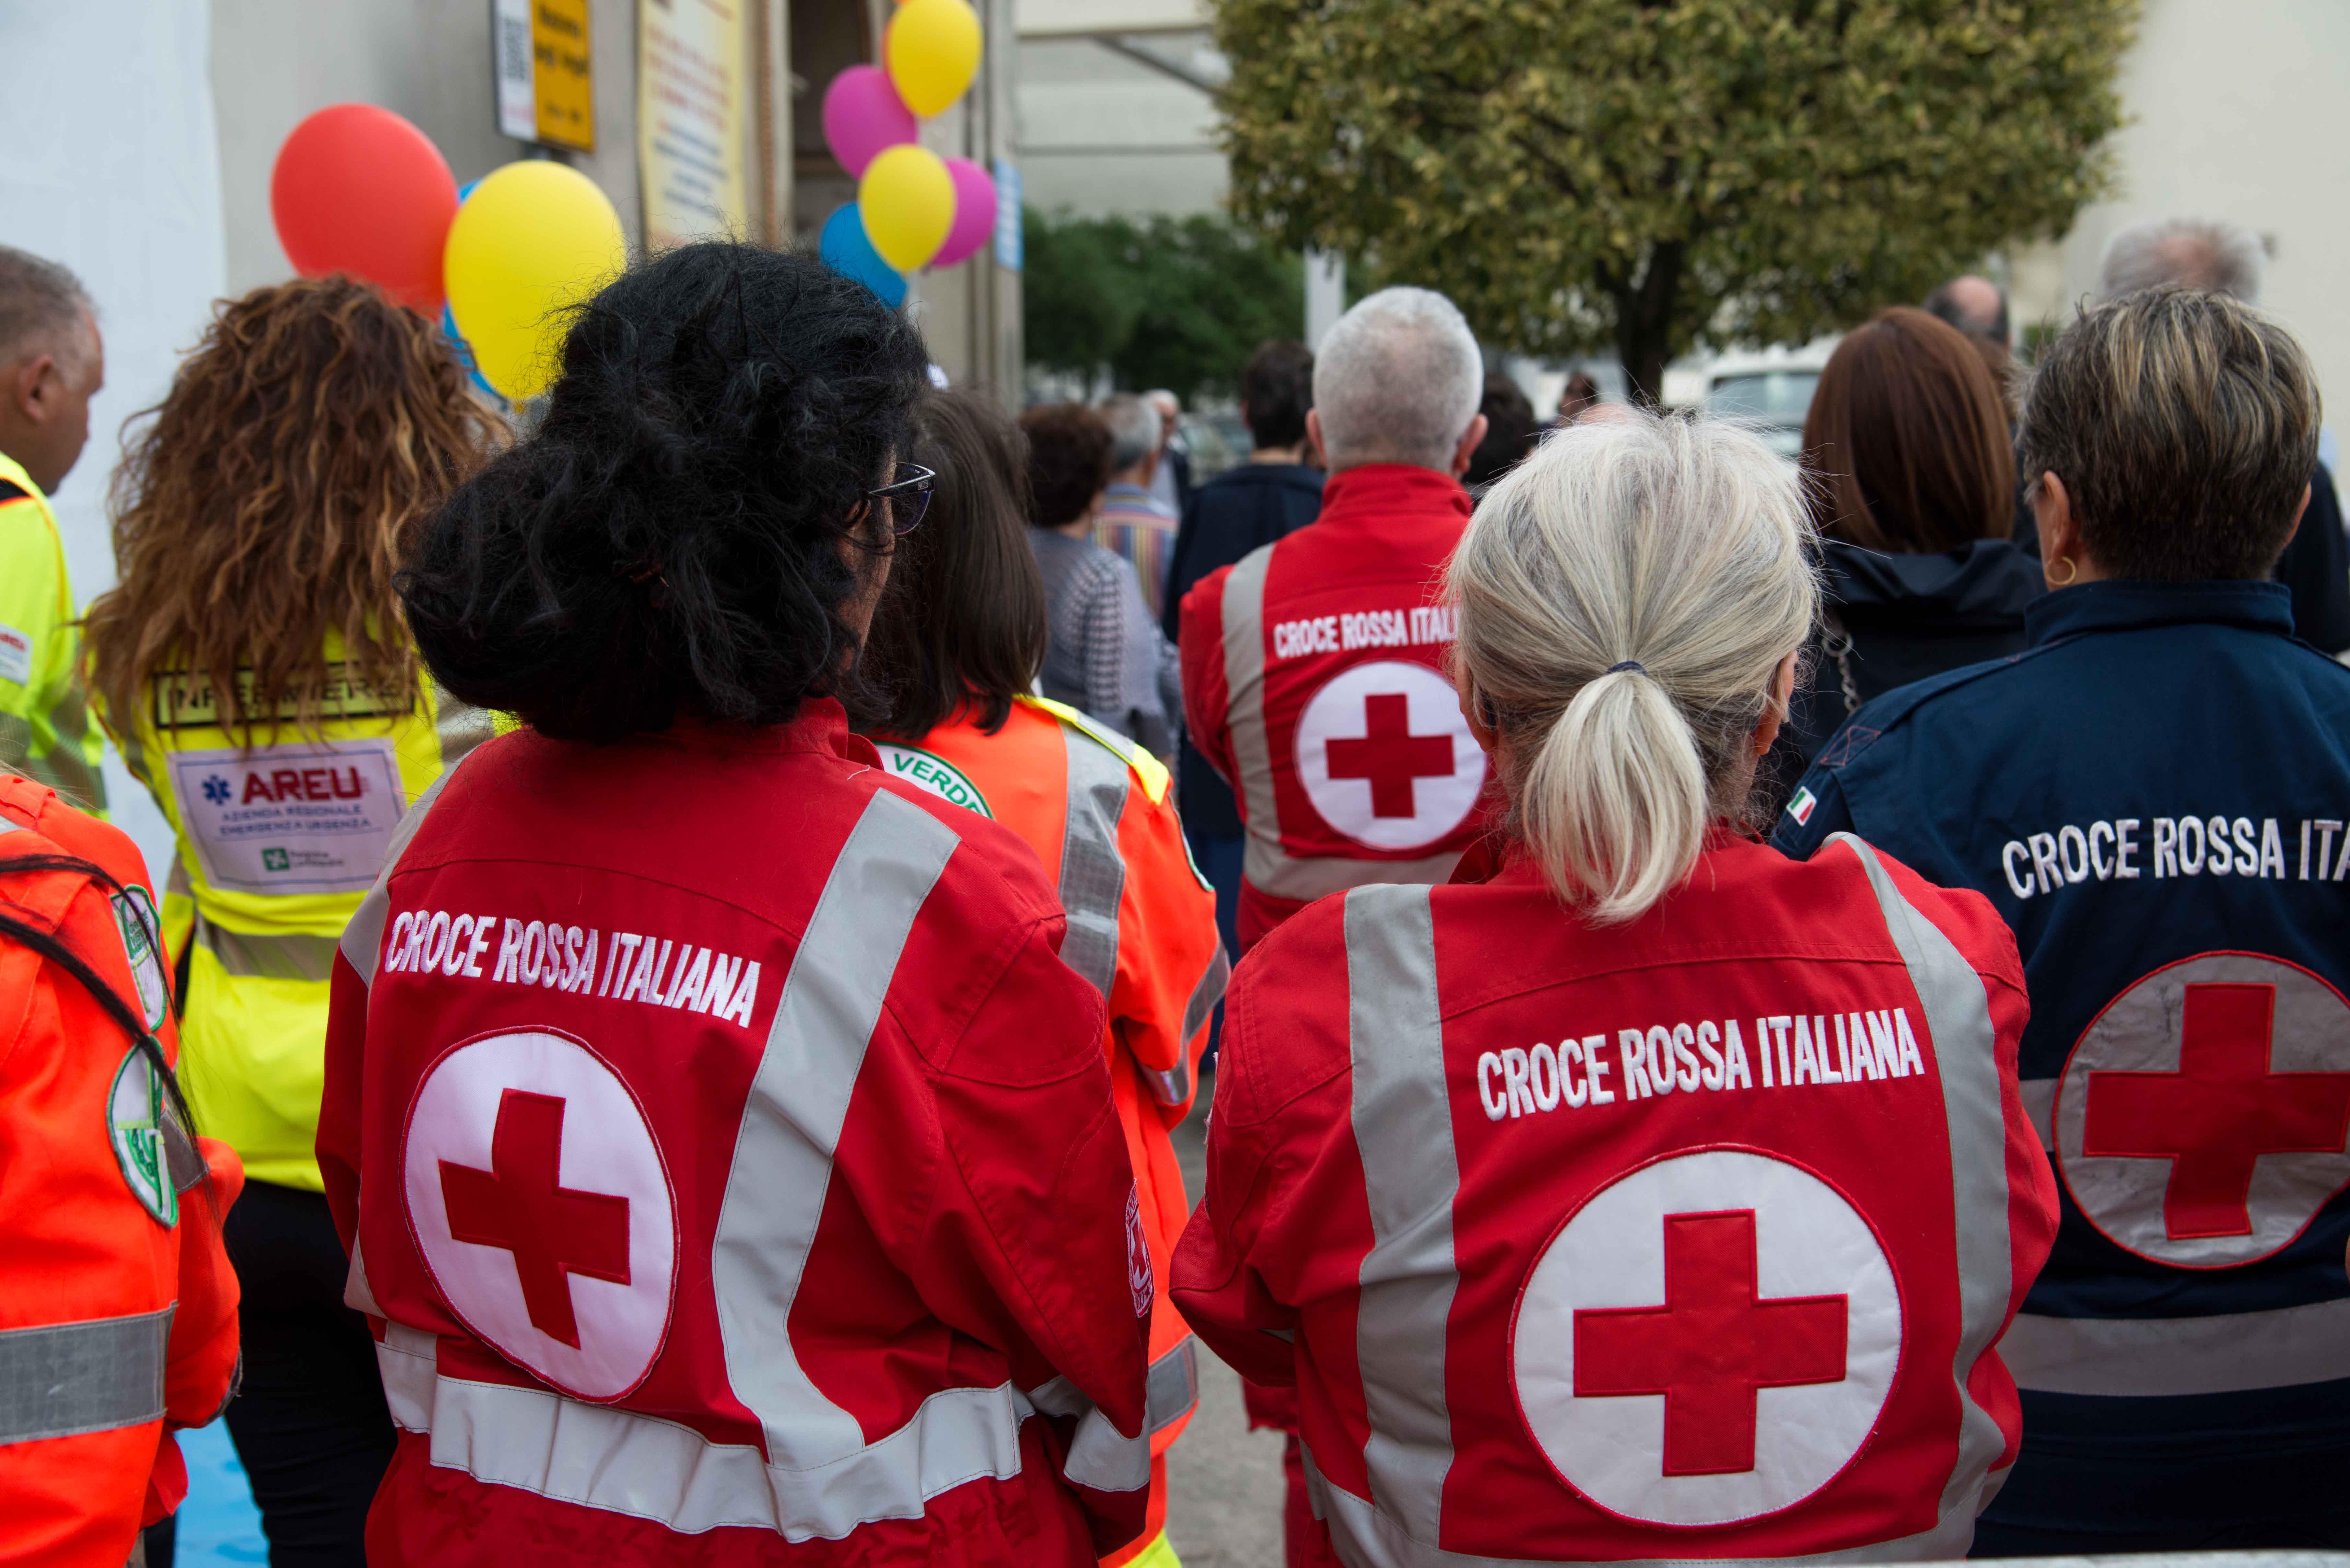 Croce Rossa: Inaugurata la culla della vita